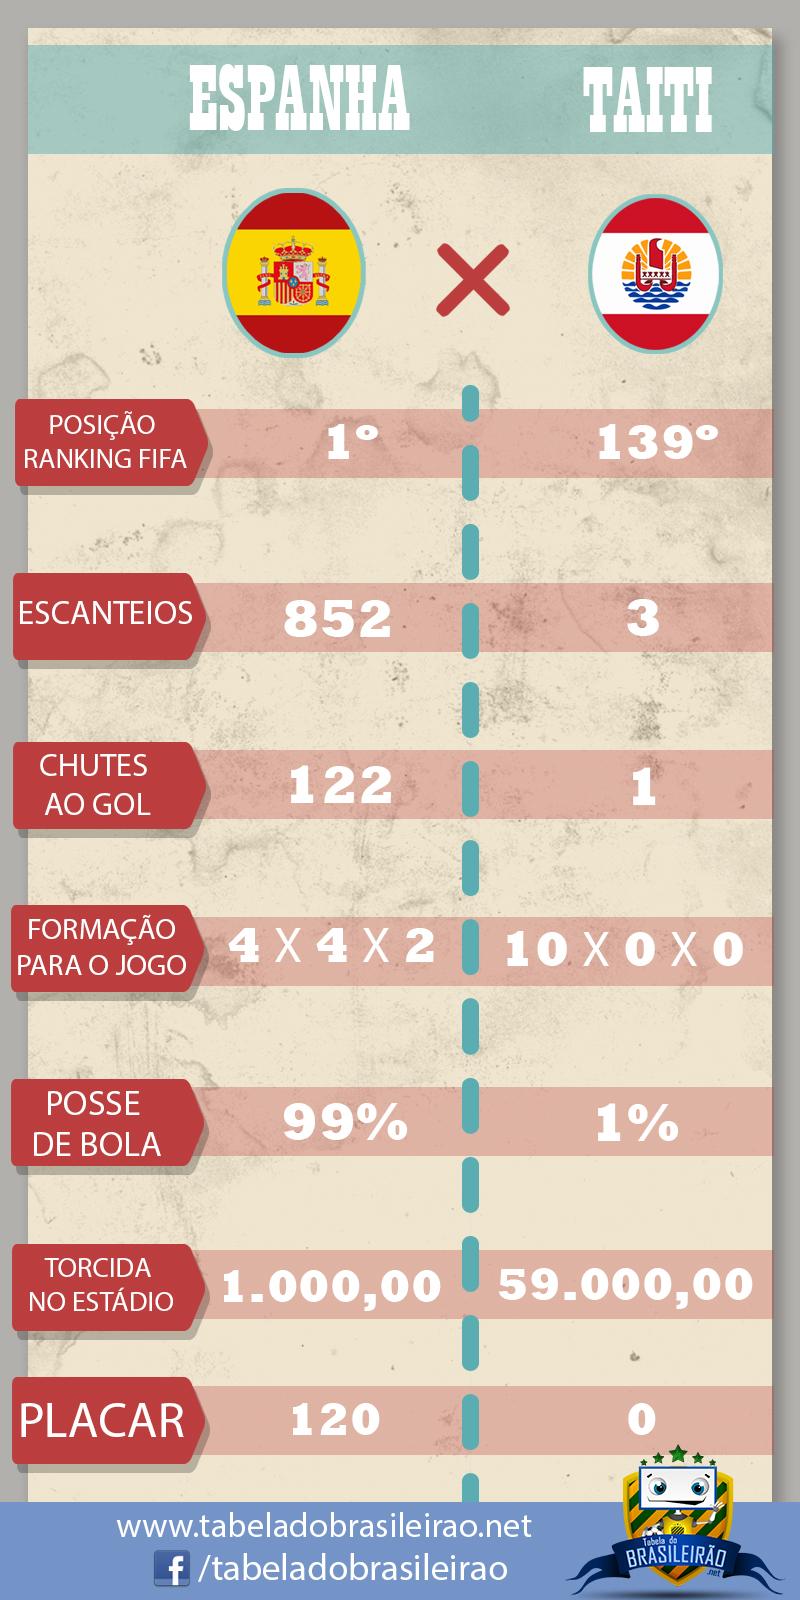 Infográfico Espanha x Taiti